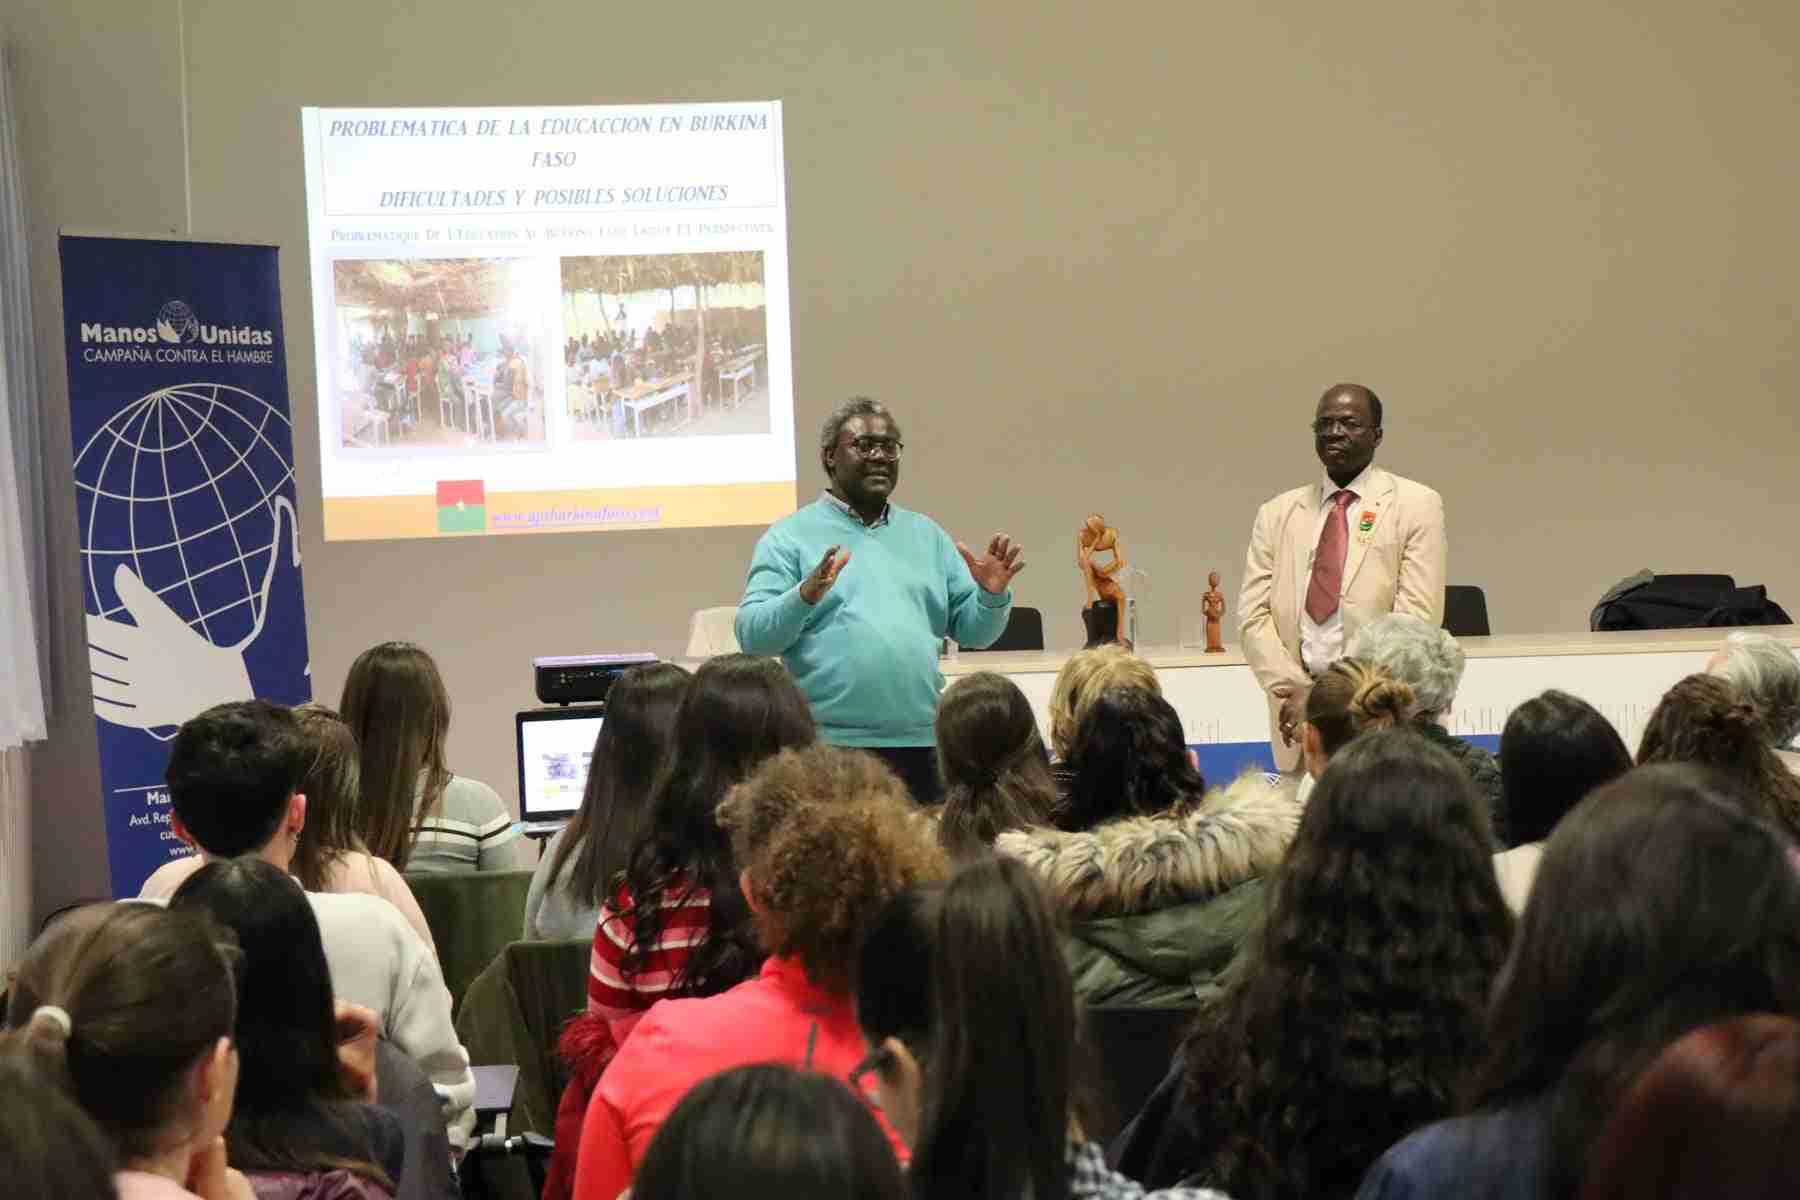 Hamidou Keivin presenta el proyecto de Manos Unidas en Burkina Faso 16